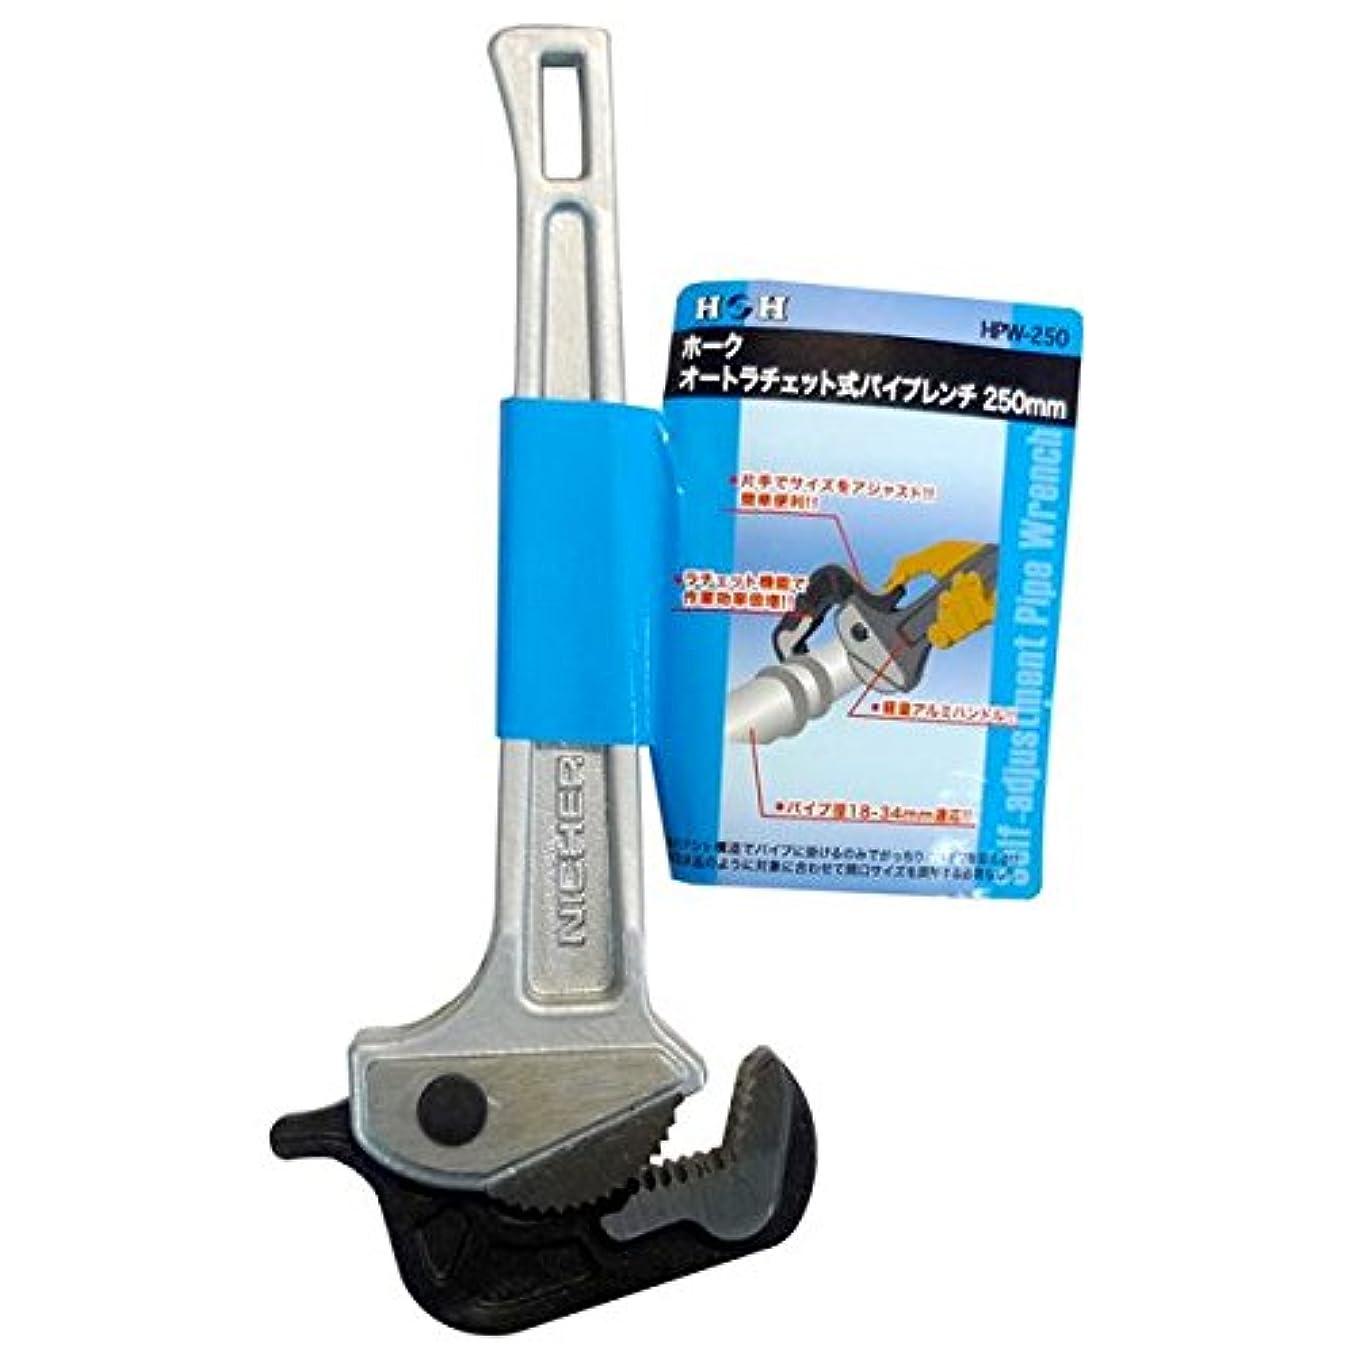 カイウスポジション持続的日用品 DIY (業務用2個セット) オートラチェットパイレン 【250mm】